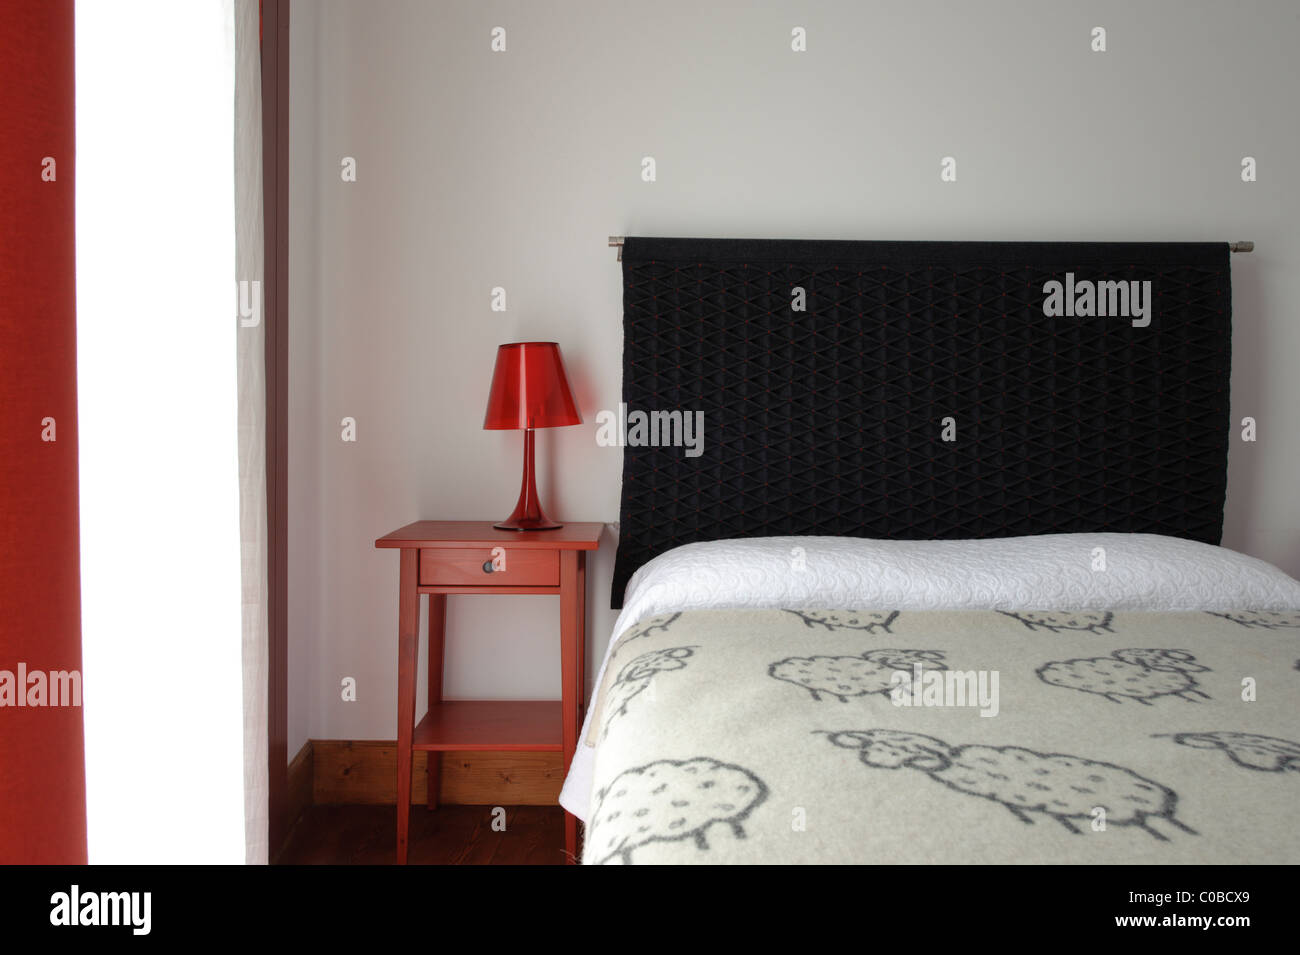 Schlafzimmer-Bett mit Nachttisch mit rote Lampe Stockfoto, Bild ...